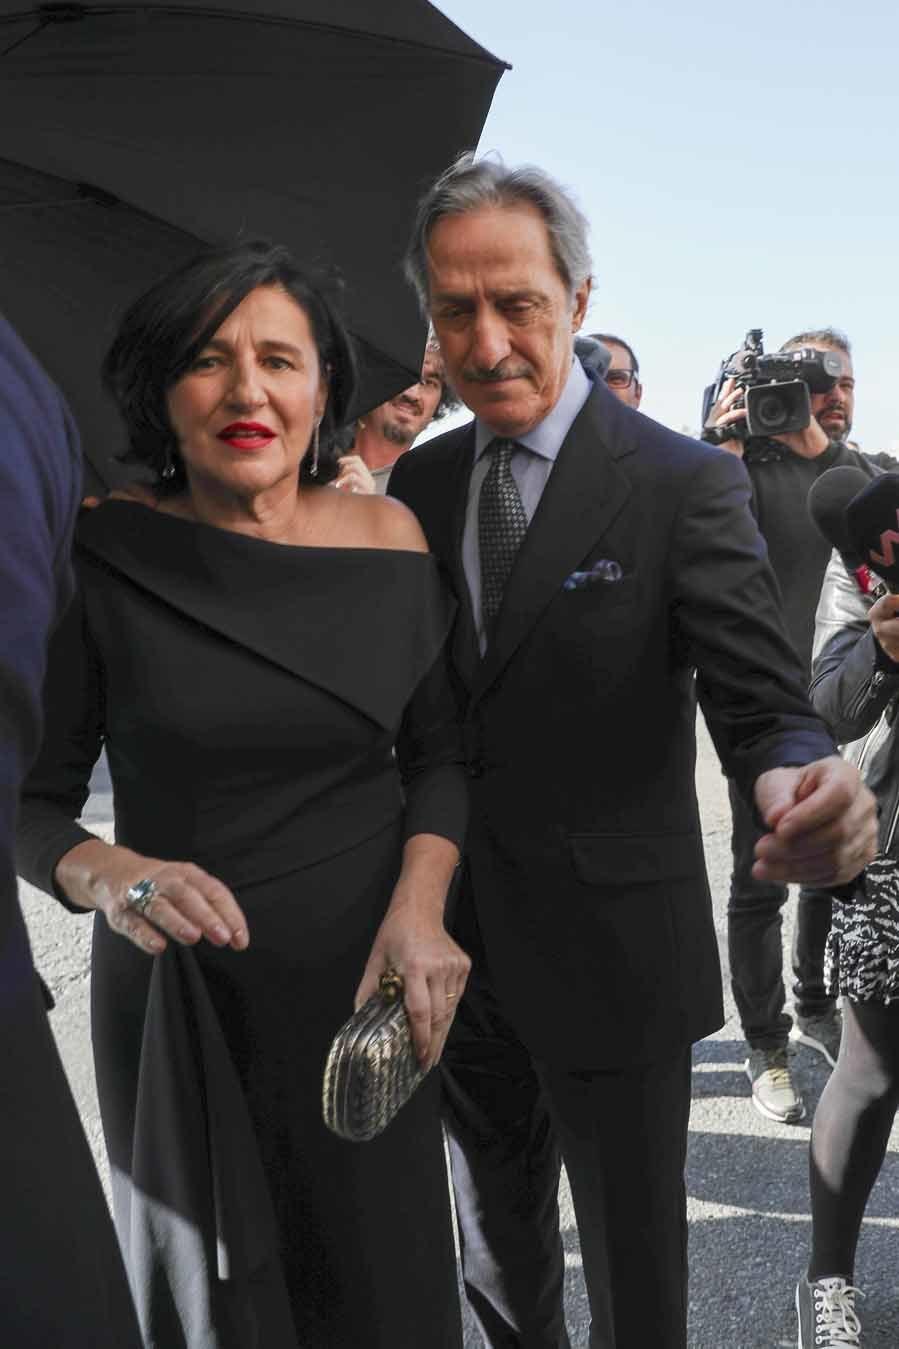 Roberto Torretta y Carmen Echevarría - Boda de Marta Ortega y Carlos Torretta